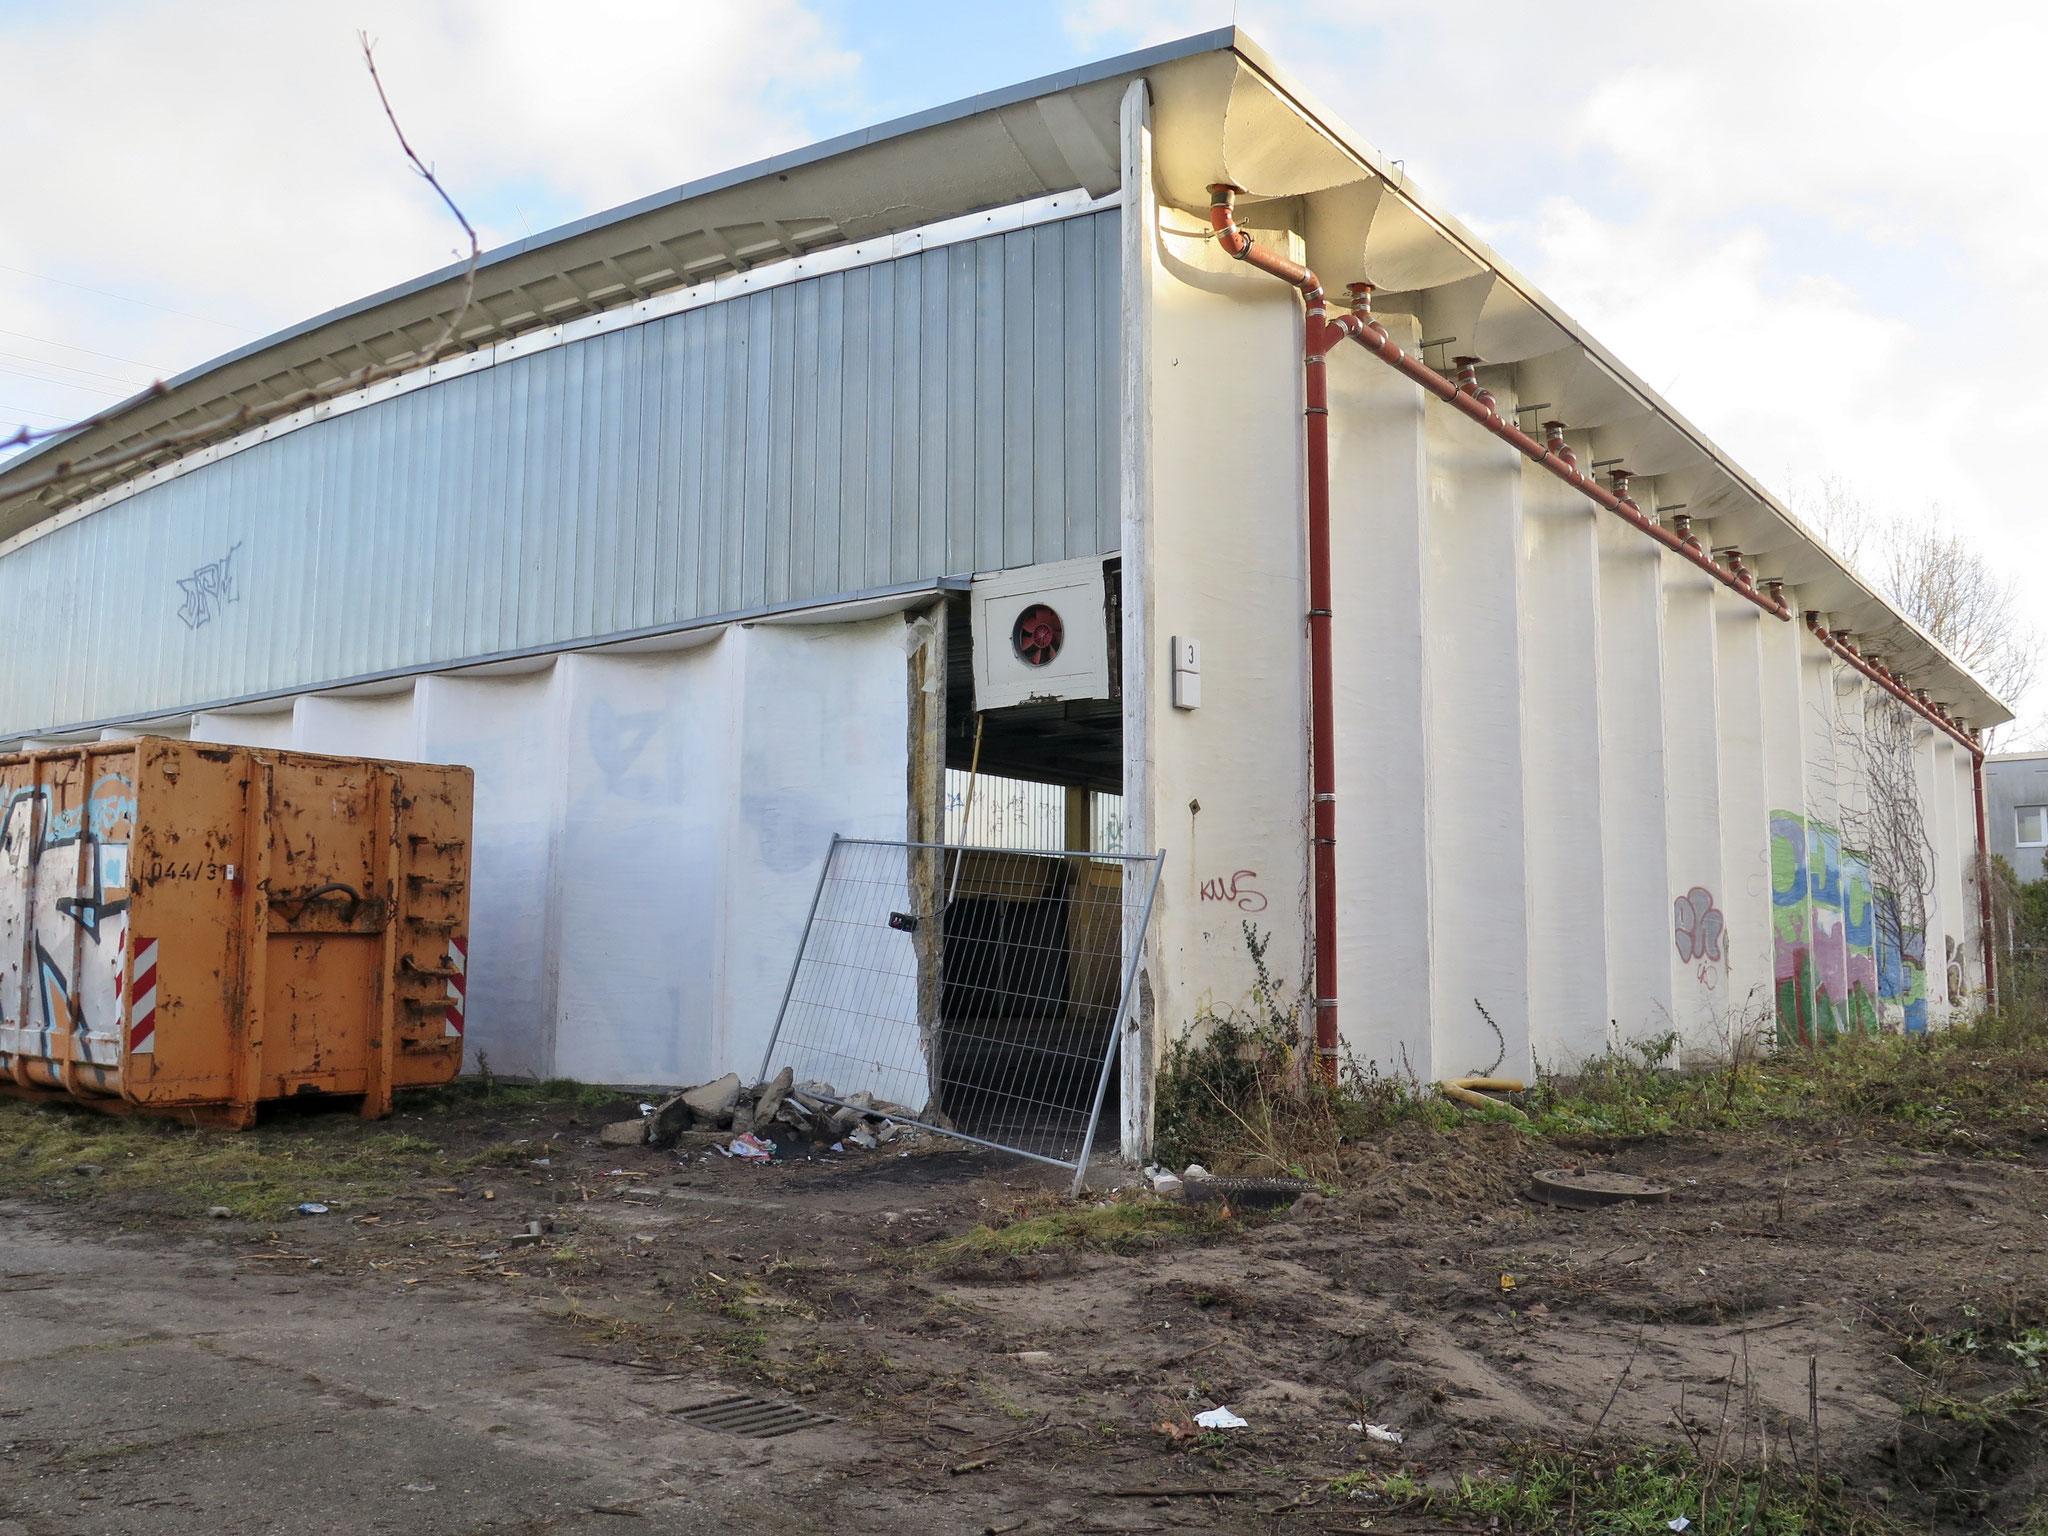 Die zwei maroden Turnhallen auf dem Grundstück müssen noch abgerissen werden.